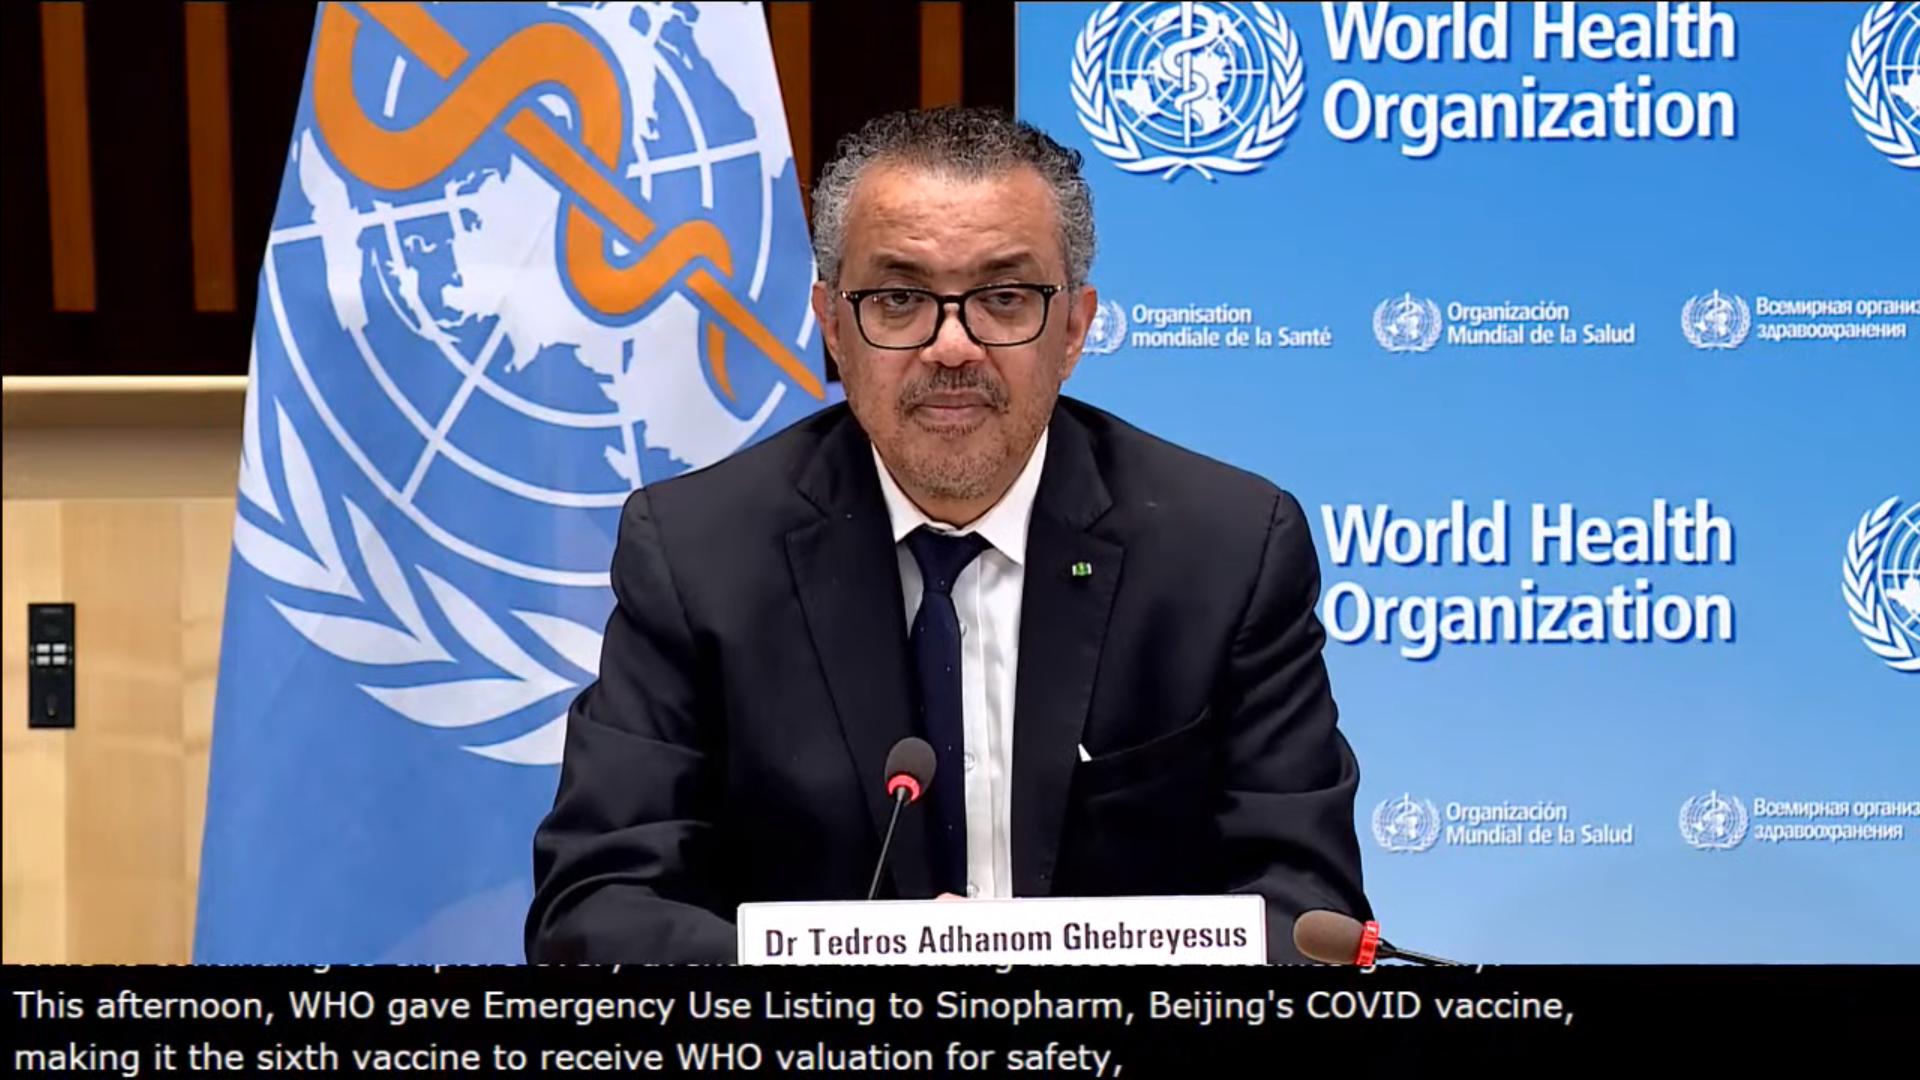 IMAGEM: OMS aprova uso emergencial da vacina da chinesa Sinopharm